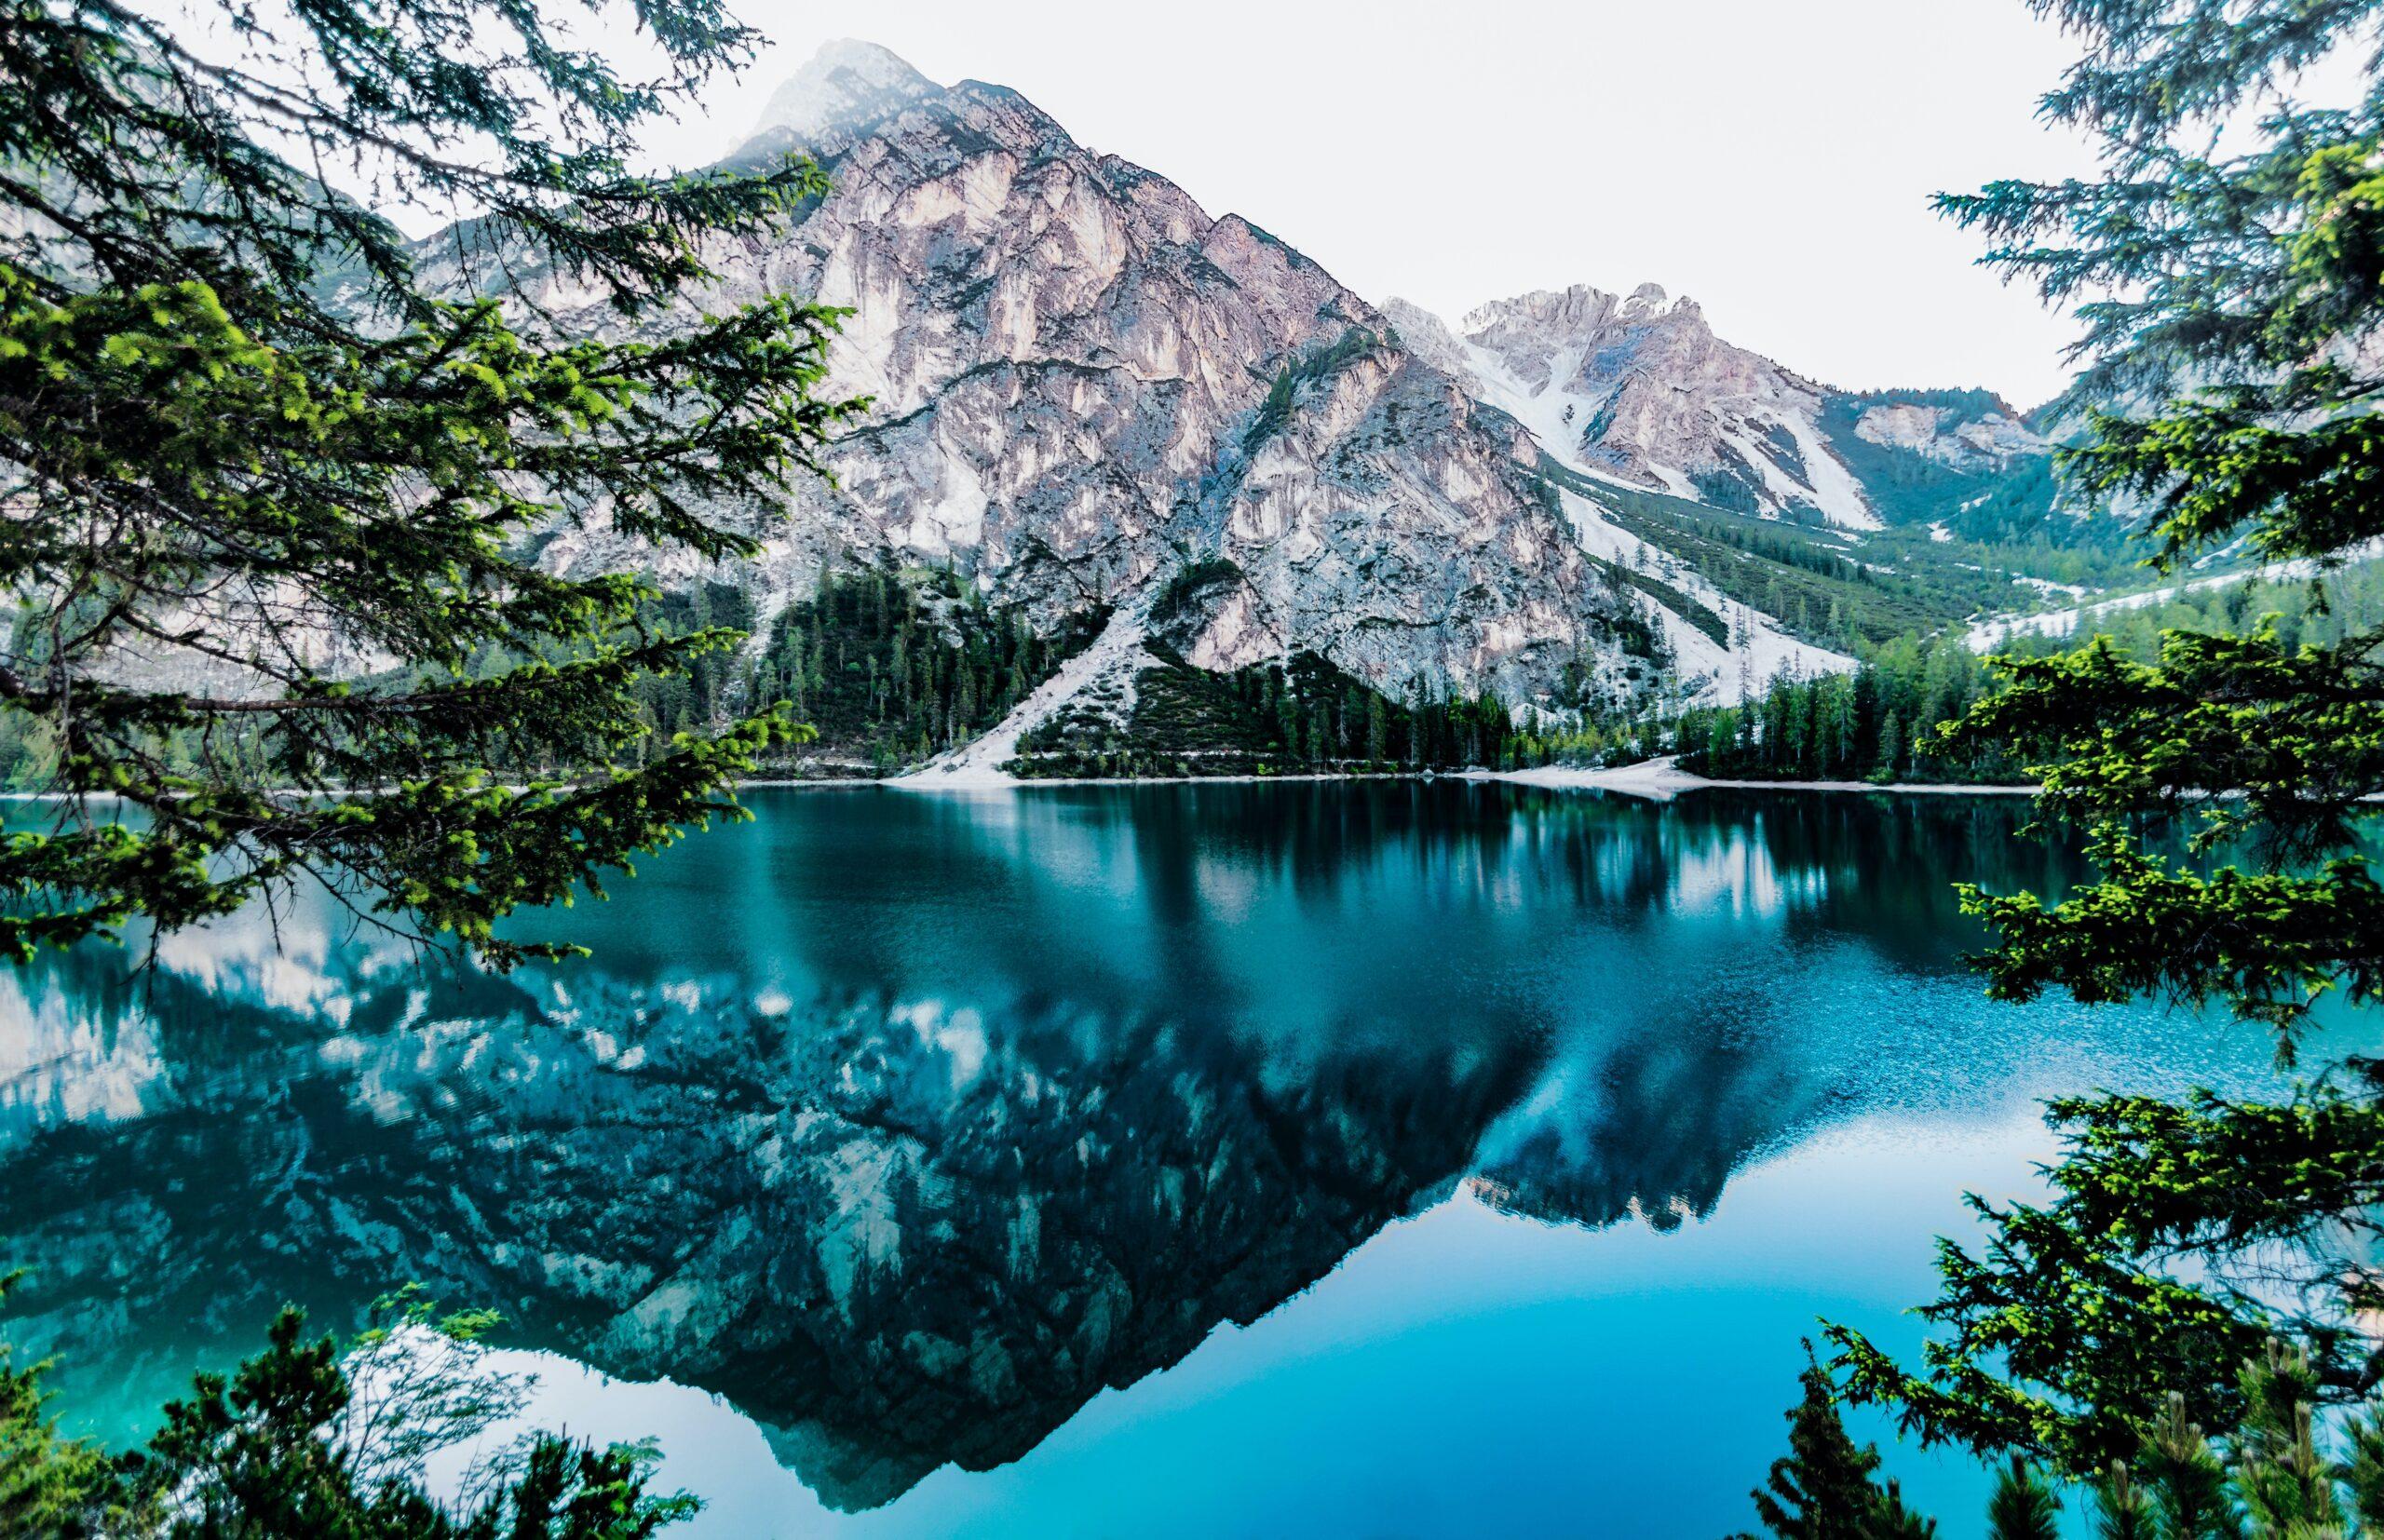 Paysage montagneux avec un lac propice à l'auto-hypnose